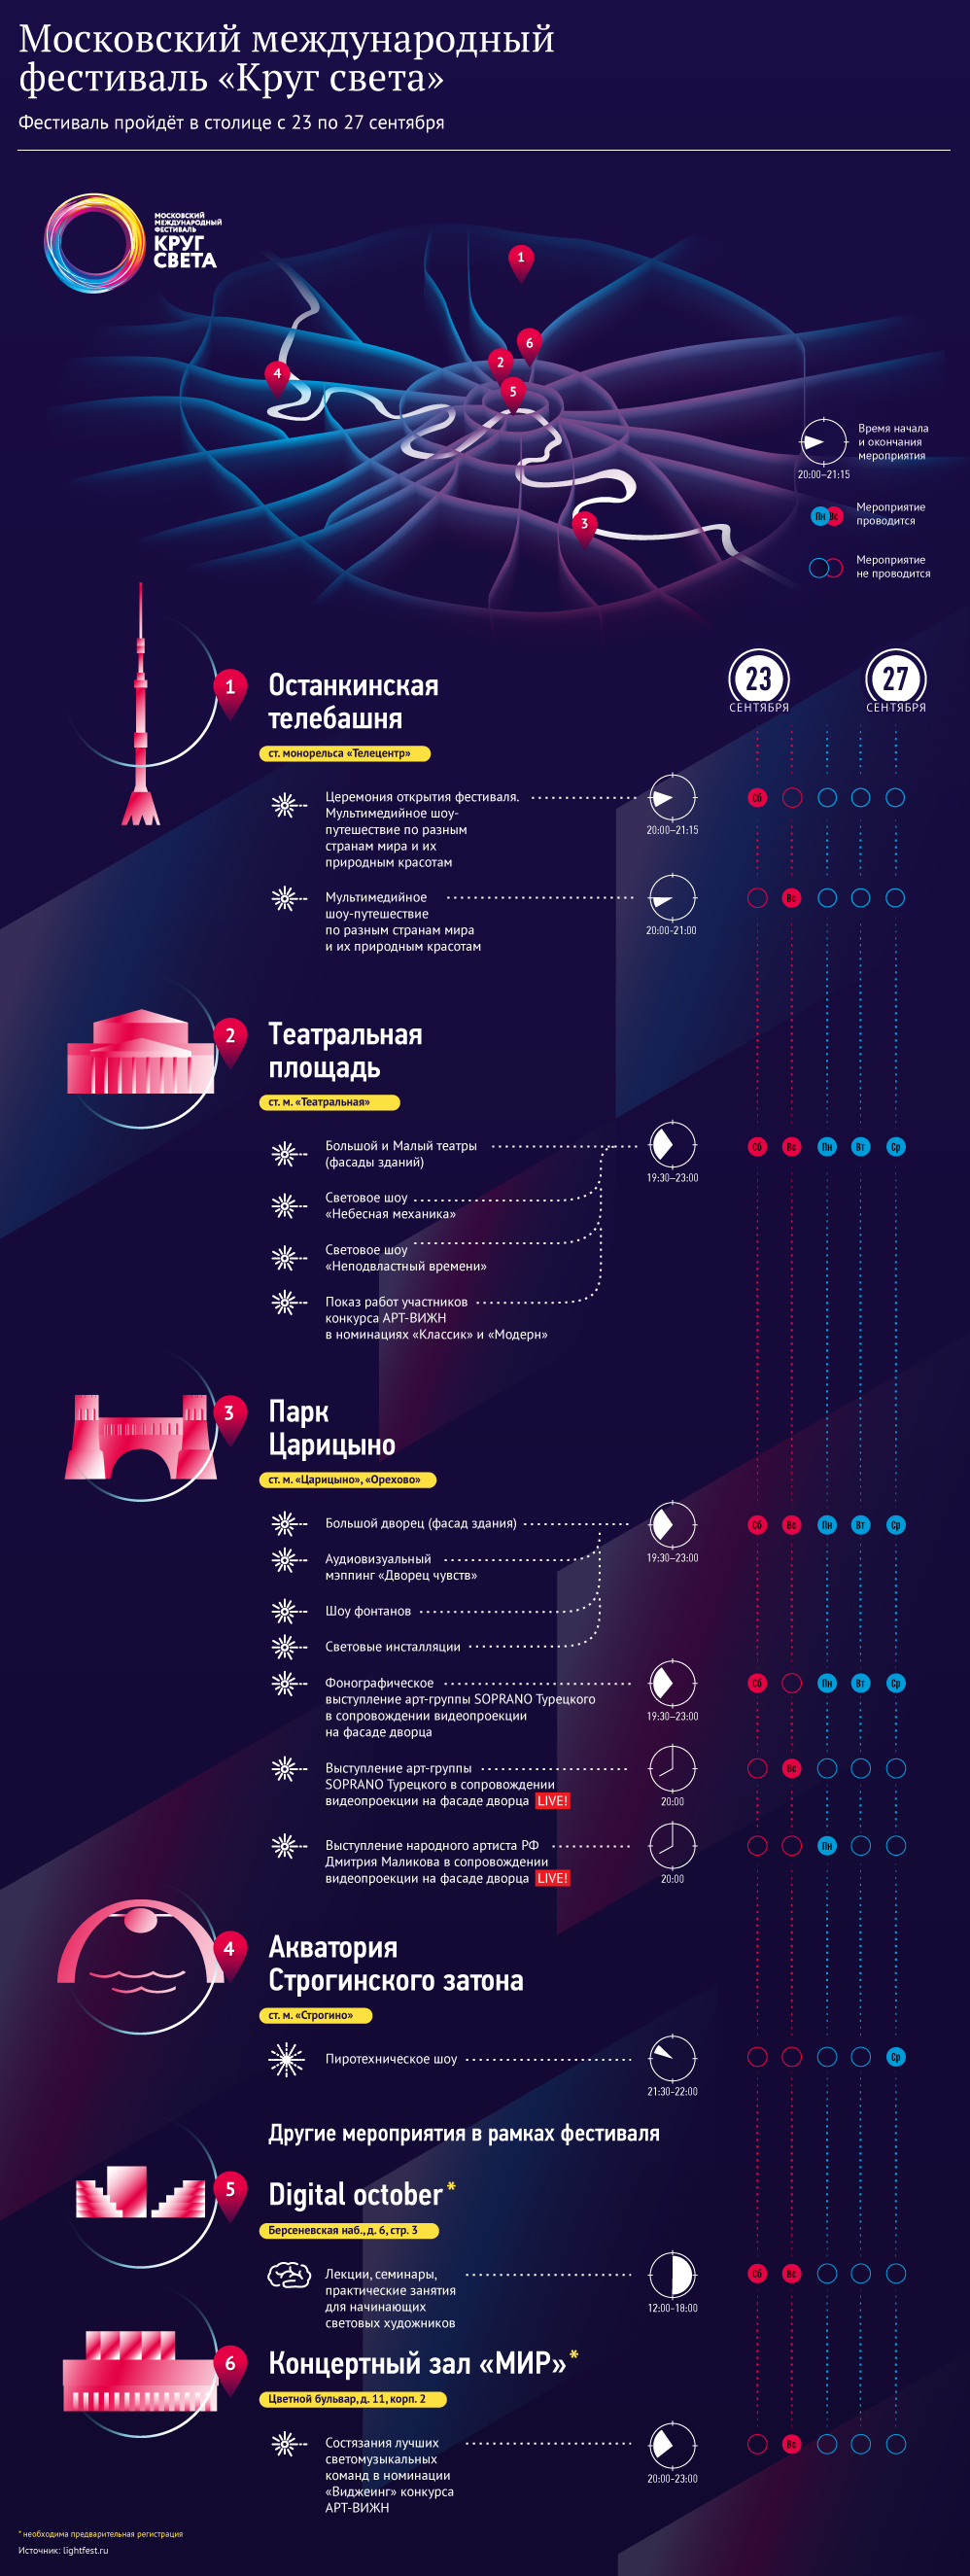 Московский международный фестиваль Круг света